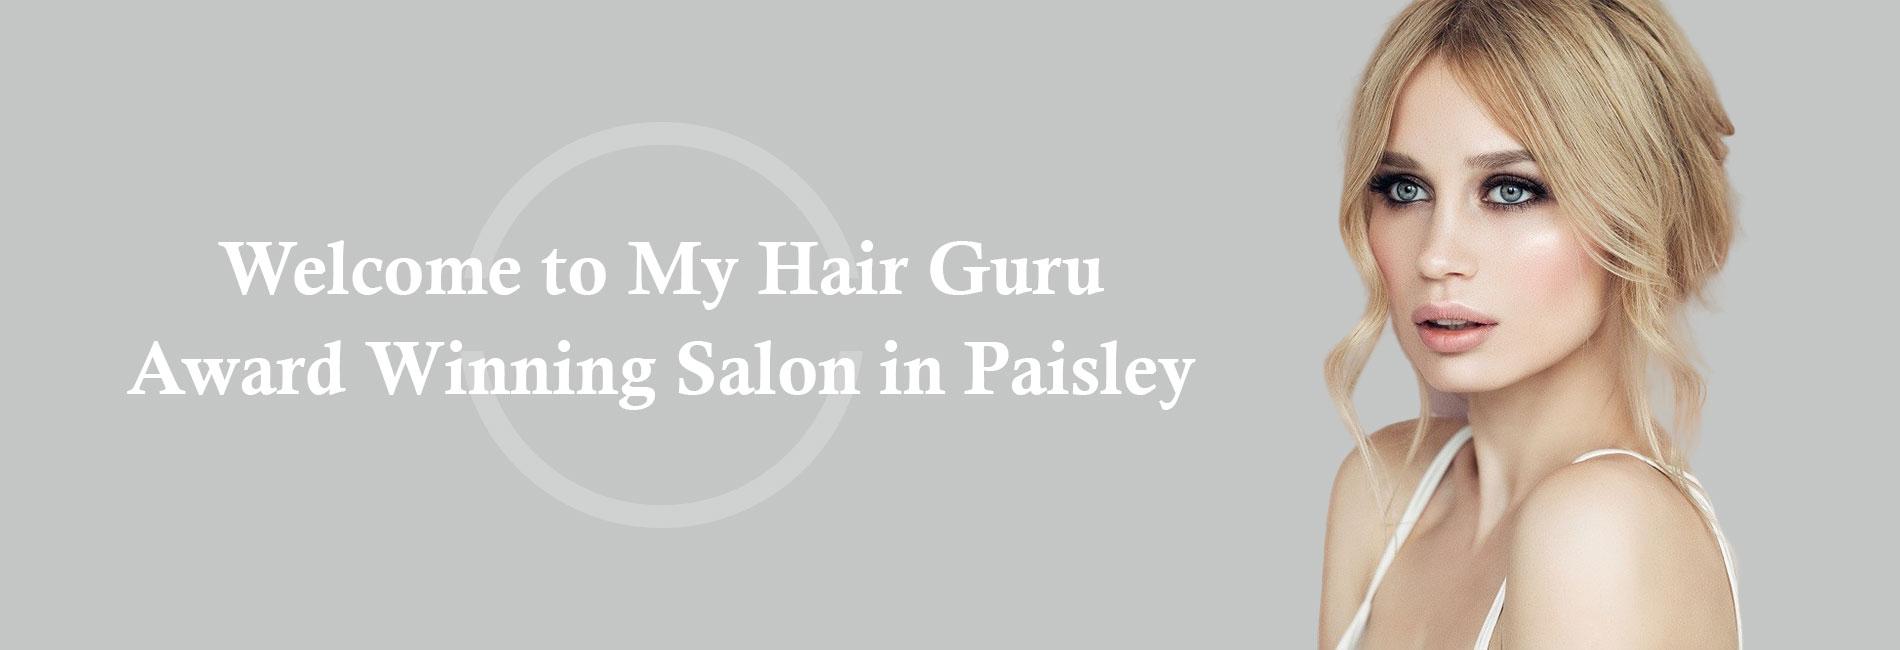 award My Hair Guru, Hair Colour, Top Hair Salon in Paisley